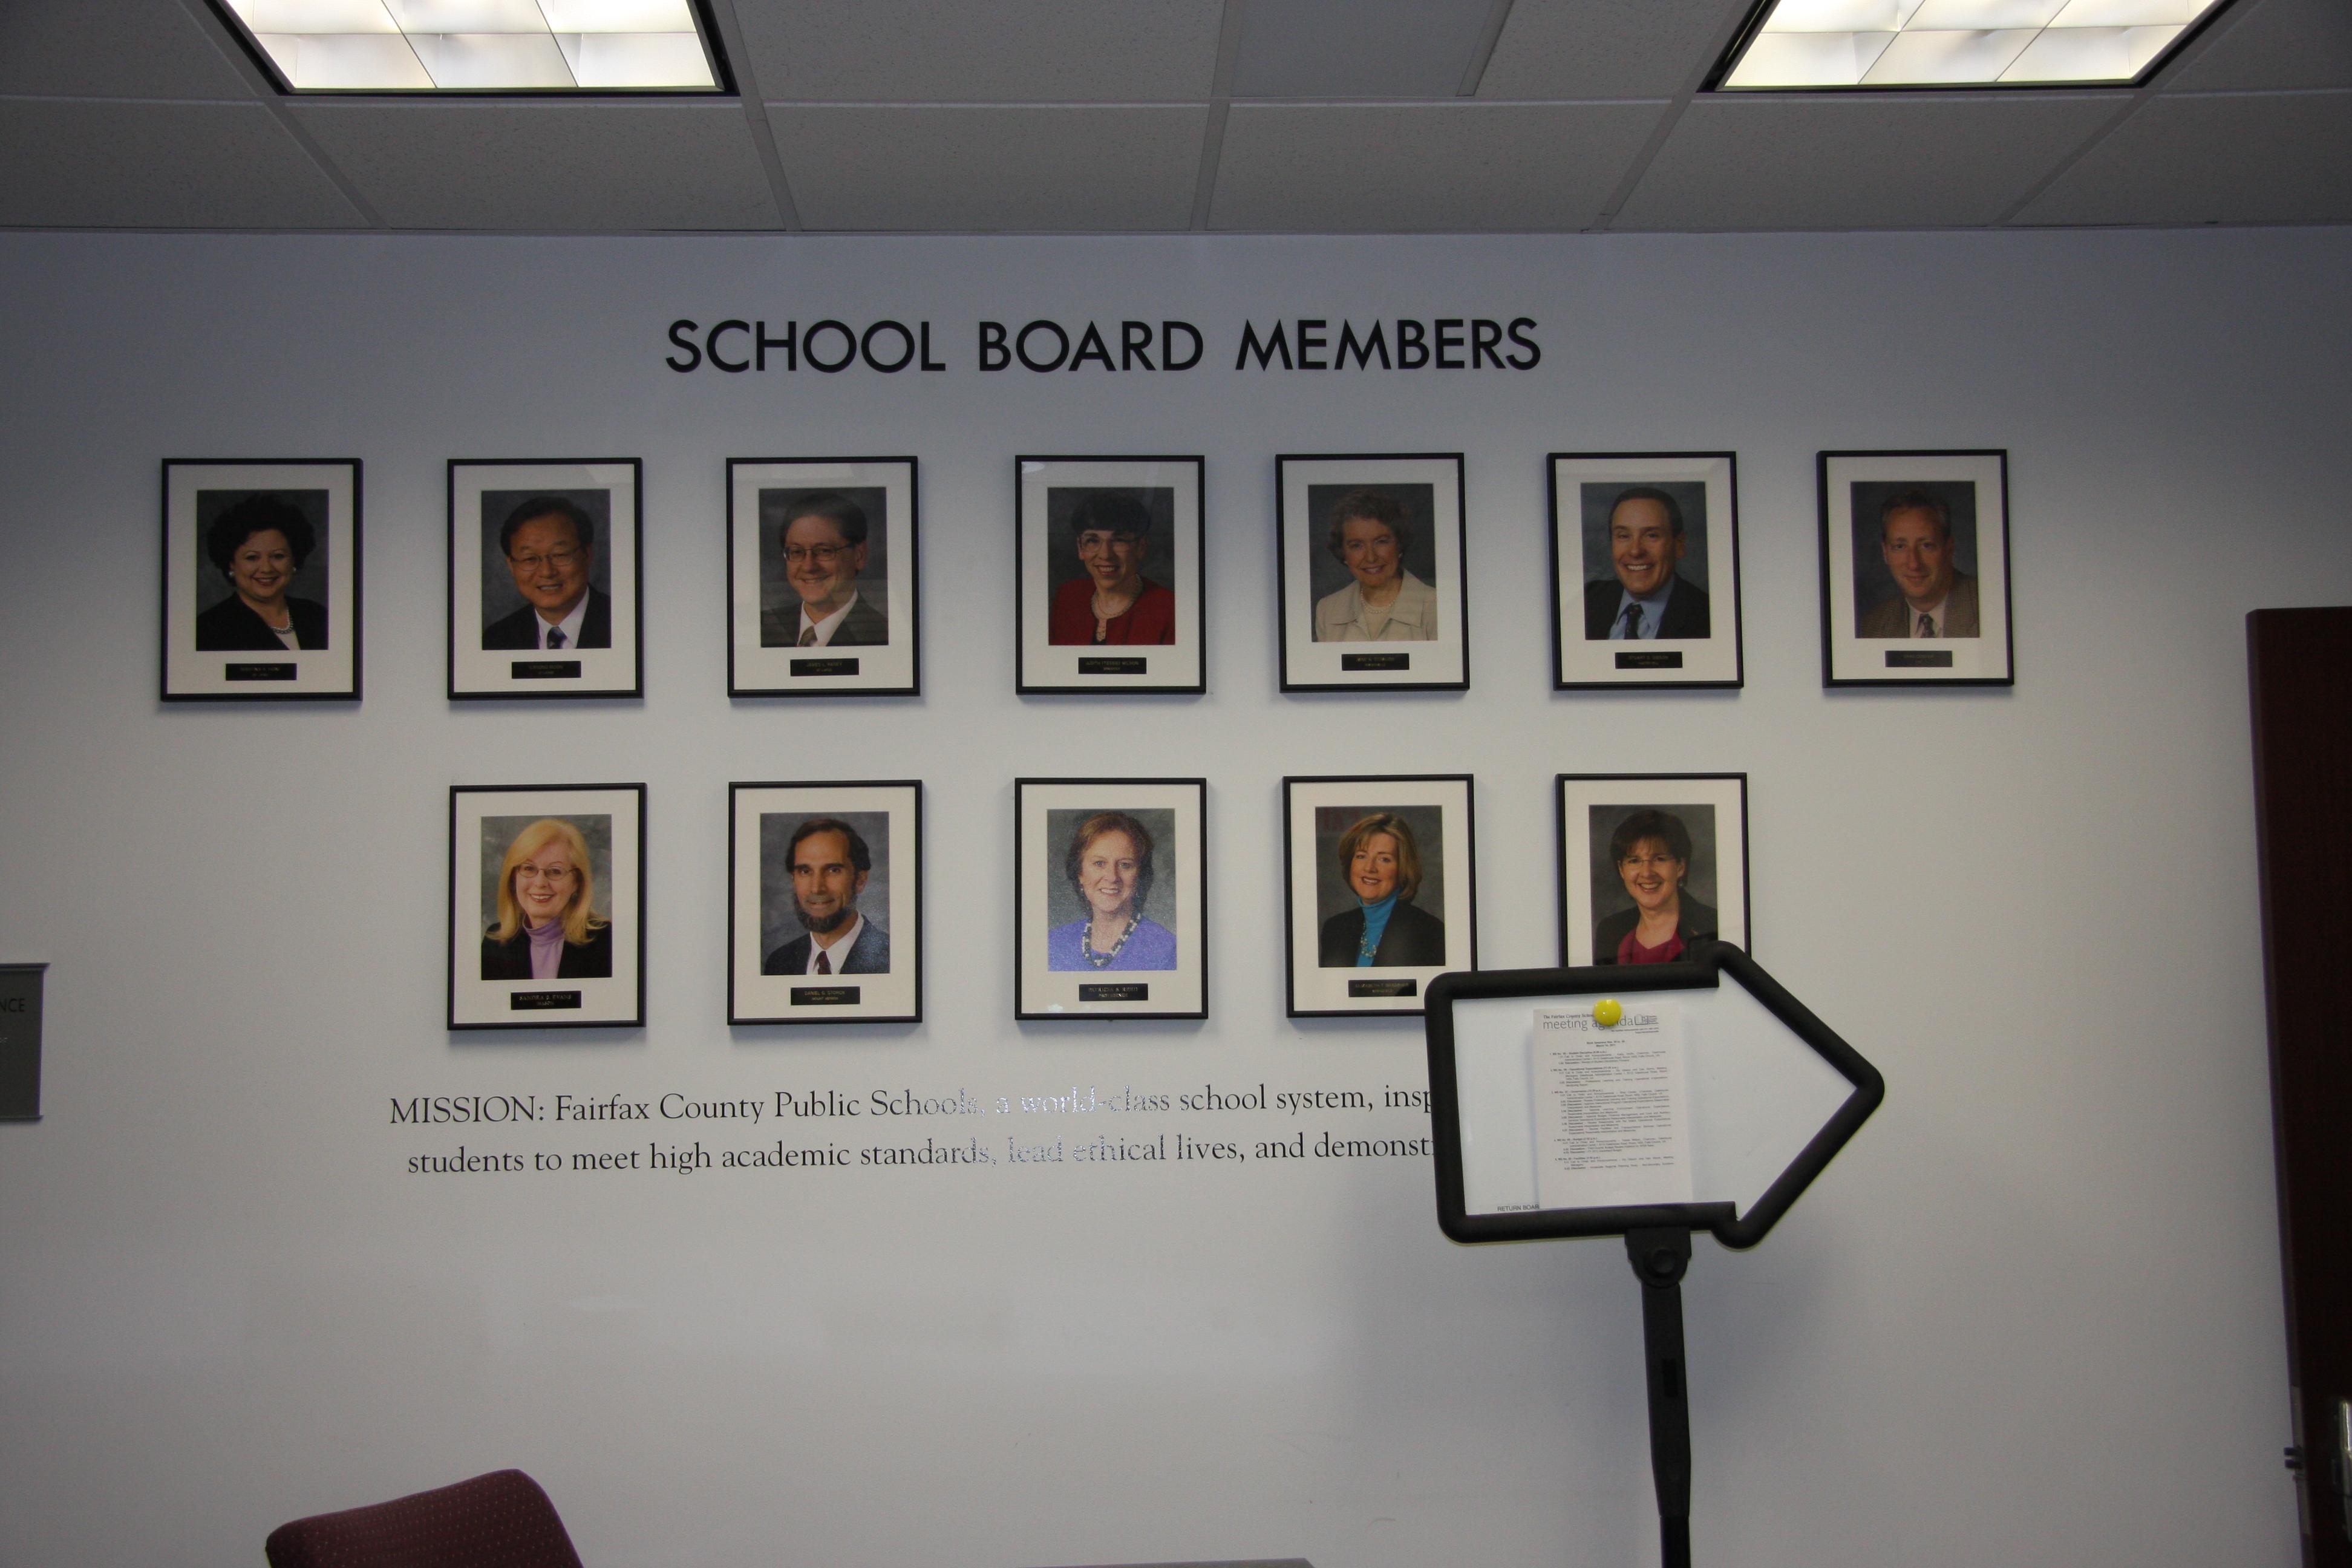 The Fairfax County School